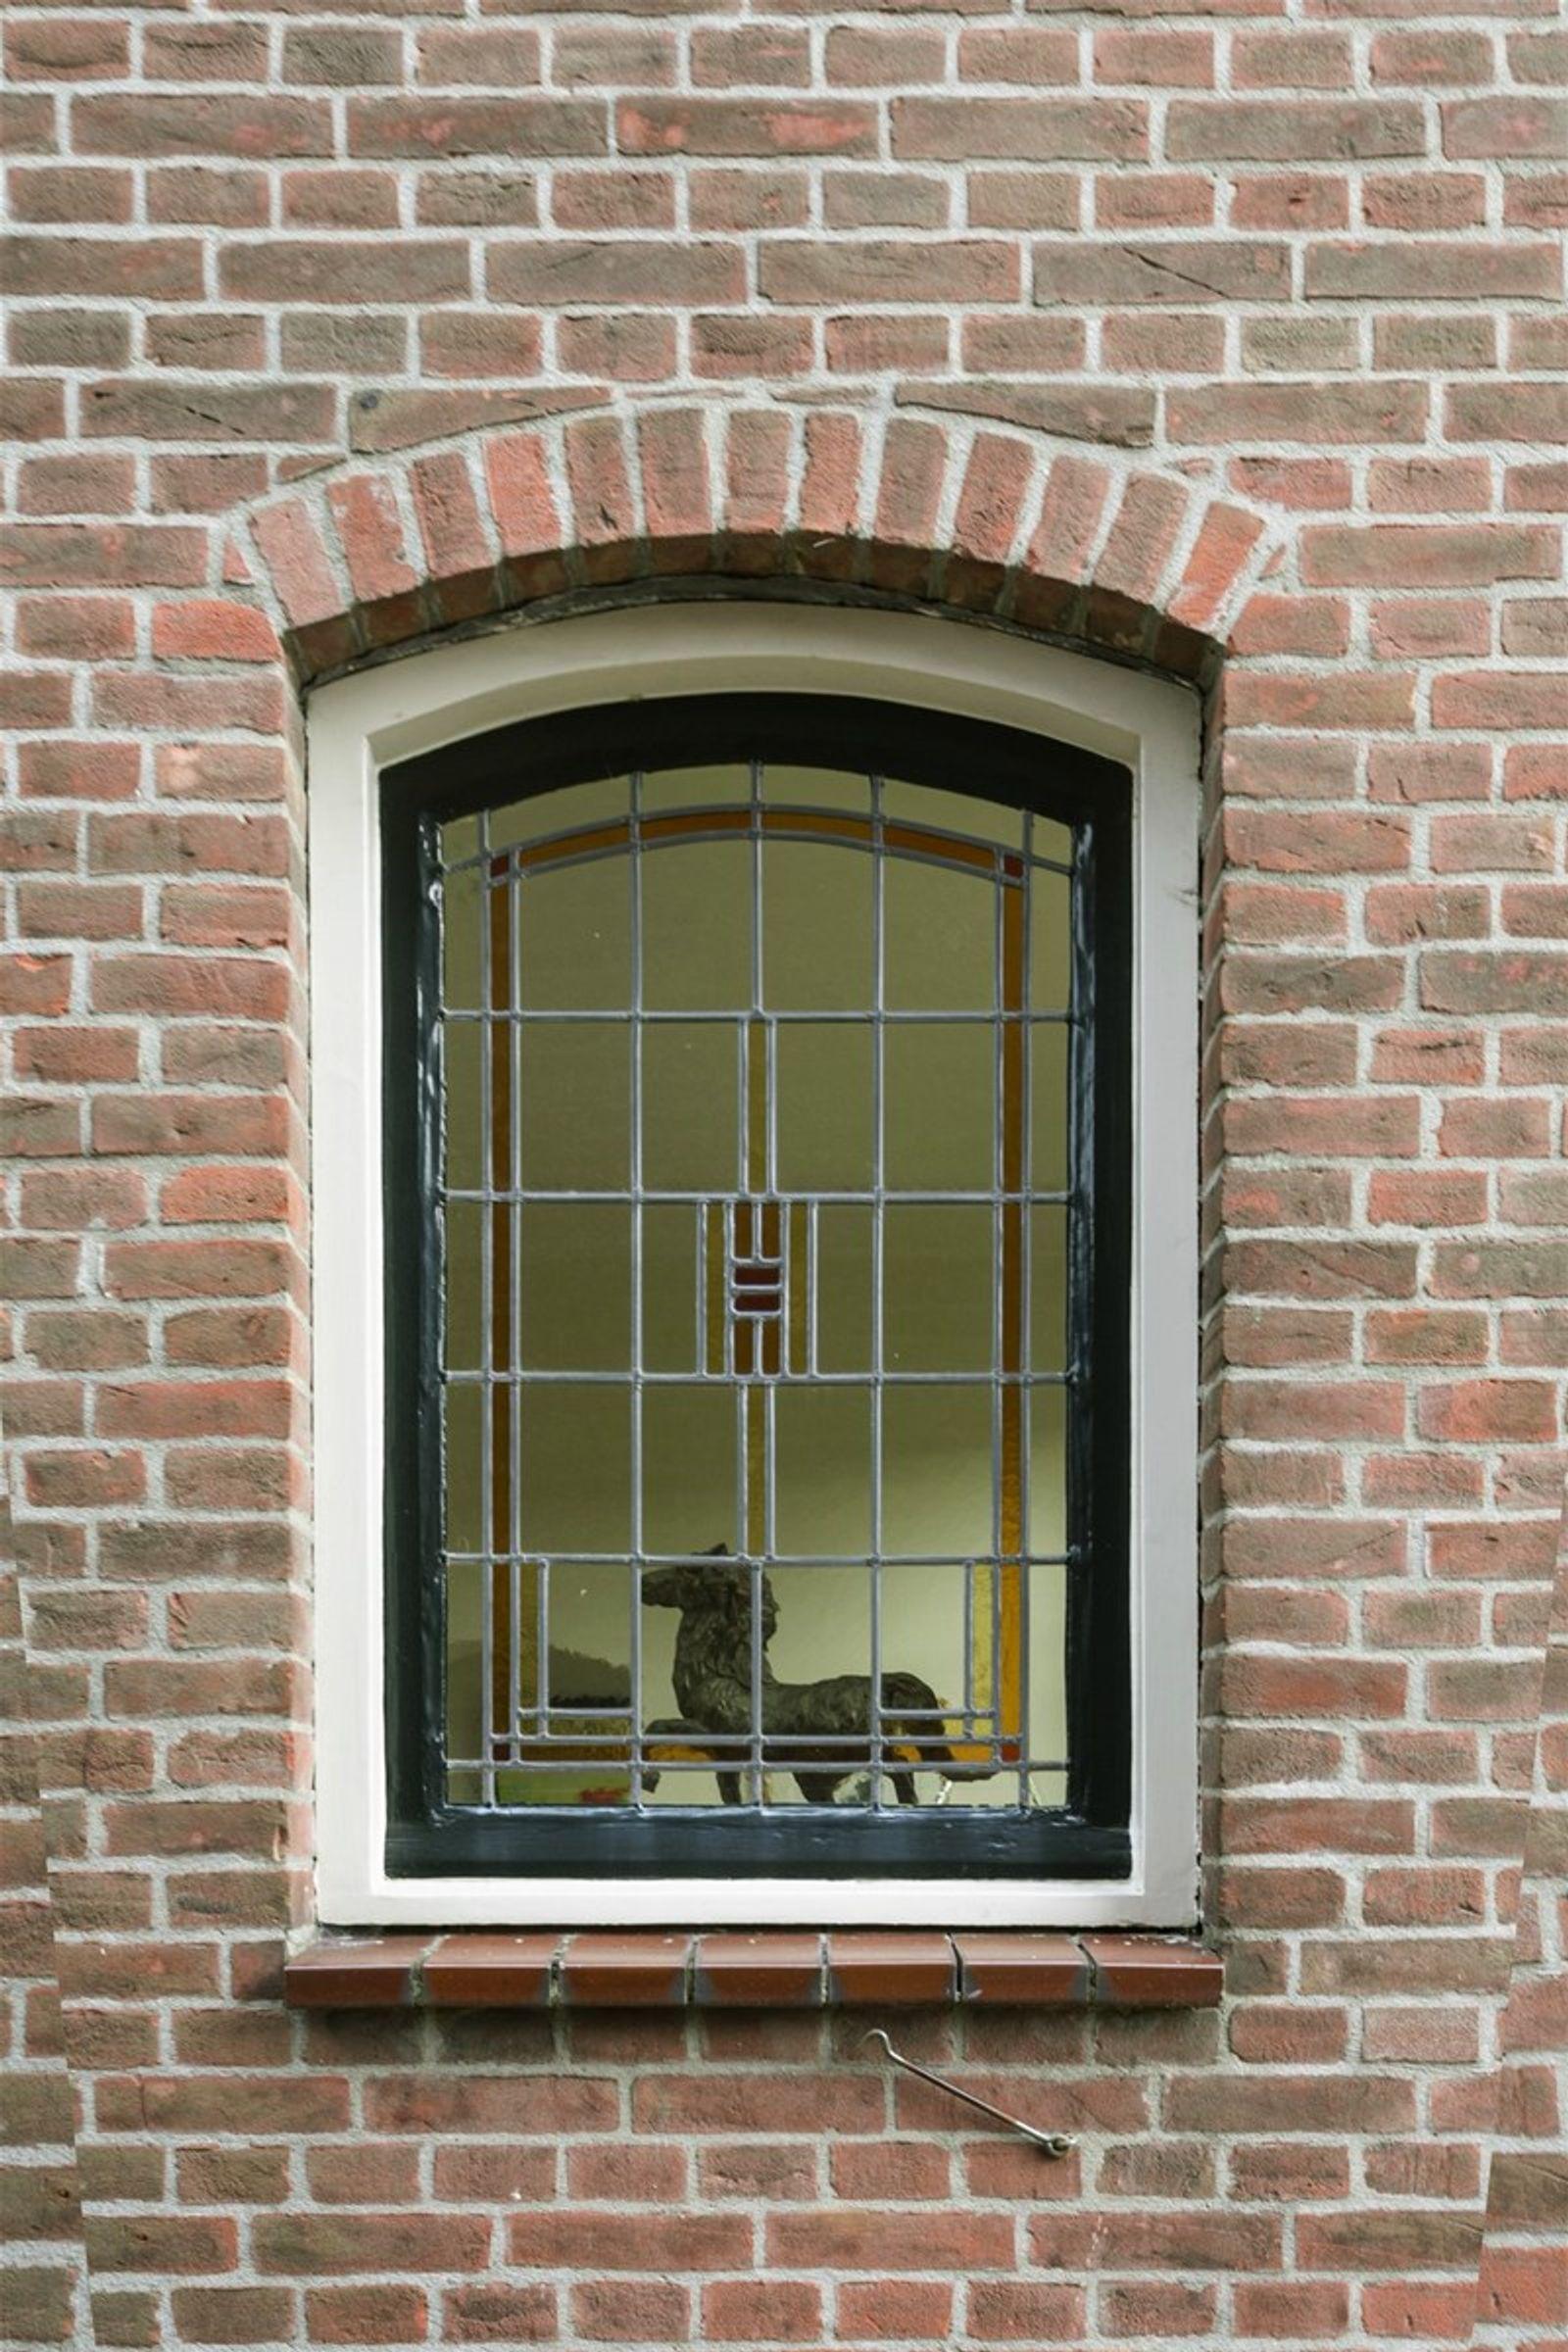 Dit zou uw unieke kans kunnen zijn, verkoper en gemeente zijn doende de Villa te splitsen tot twee woningen, de procedure is hiervoor in gang gezet. Kijk naar de plattegronden voor de mogelijkheden. Neem gerust contact met ons op voor een nadere toelichting.  Deze unieke en prachtige verschijning biedt het beste van twee werelden. Enerzijds strategisch gelegen tussen Breda en Tilburg (15! autominuten) en anderzijds stijlvol wonen in het dorpscentrum, met volledige rust en privacy.  Het pand is volledig gerenoveerd, waarbij alle elementen van het huis zoveel mogelijk in authentieke, nostalgische stijl zijn behouden. Iedere ruimte heeft een warme uitstraling met een eigen karakter. Knus, terwijl de kamers toch echt niet klein zijn. Door de aanwezigheid van de verschillende ruimten biedt dit huis tal van mogelijkheden. Zo kan de imposante zolder bijvoorbeeld worden gebruikt als een atelier/kantoorruimte, maar ook als prachtige extra leefruimte. Sowieso is het een ideaal familiehuis, waar echt in -geleefd- kan worden. Met aan de overkant de basisschool, de bibliotheek, cultureel centrum De Schakel en elke dag vers brood van de naburige bakker.   De oprit met carport wordt afgesloten met een houten poort. Achter deze poort verschuilt zich nog een vrijstaand huisje dat uitermate geschikt is voor een hobby- en/of klusliefhebber. In de groenrijke en volledig ommuurde achtertuin kunt u in alle rust en ruimte heerlijk genieten!   Glas-in-lood, ornamenten, authentieke tegelvloeren en heel veel leefruimten- Dit huis verdient een eigenaar die met volle teugen wil genieten van deze sfeer.  Deze woning is ook bijzonder geschikt voor paardenliefhebbers. Je rijdt de straat uit en daar begint het buitengebied en de eindeloze Chaamse bossen. De huidige bewoners hebben ruim 13 jaar met veel plezier hun paarden in en om dit huis gehad. Er zijn tal van goede pensionmogelijkheden in de nabije omgeving met perfect uitrij-gebied. Ook zijn er goede mogelijkheden tot weidehuur.   DUBBELE BEWO